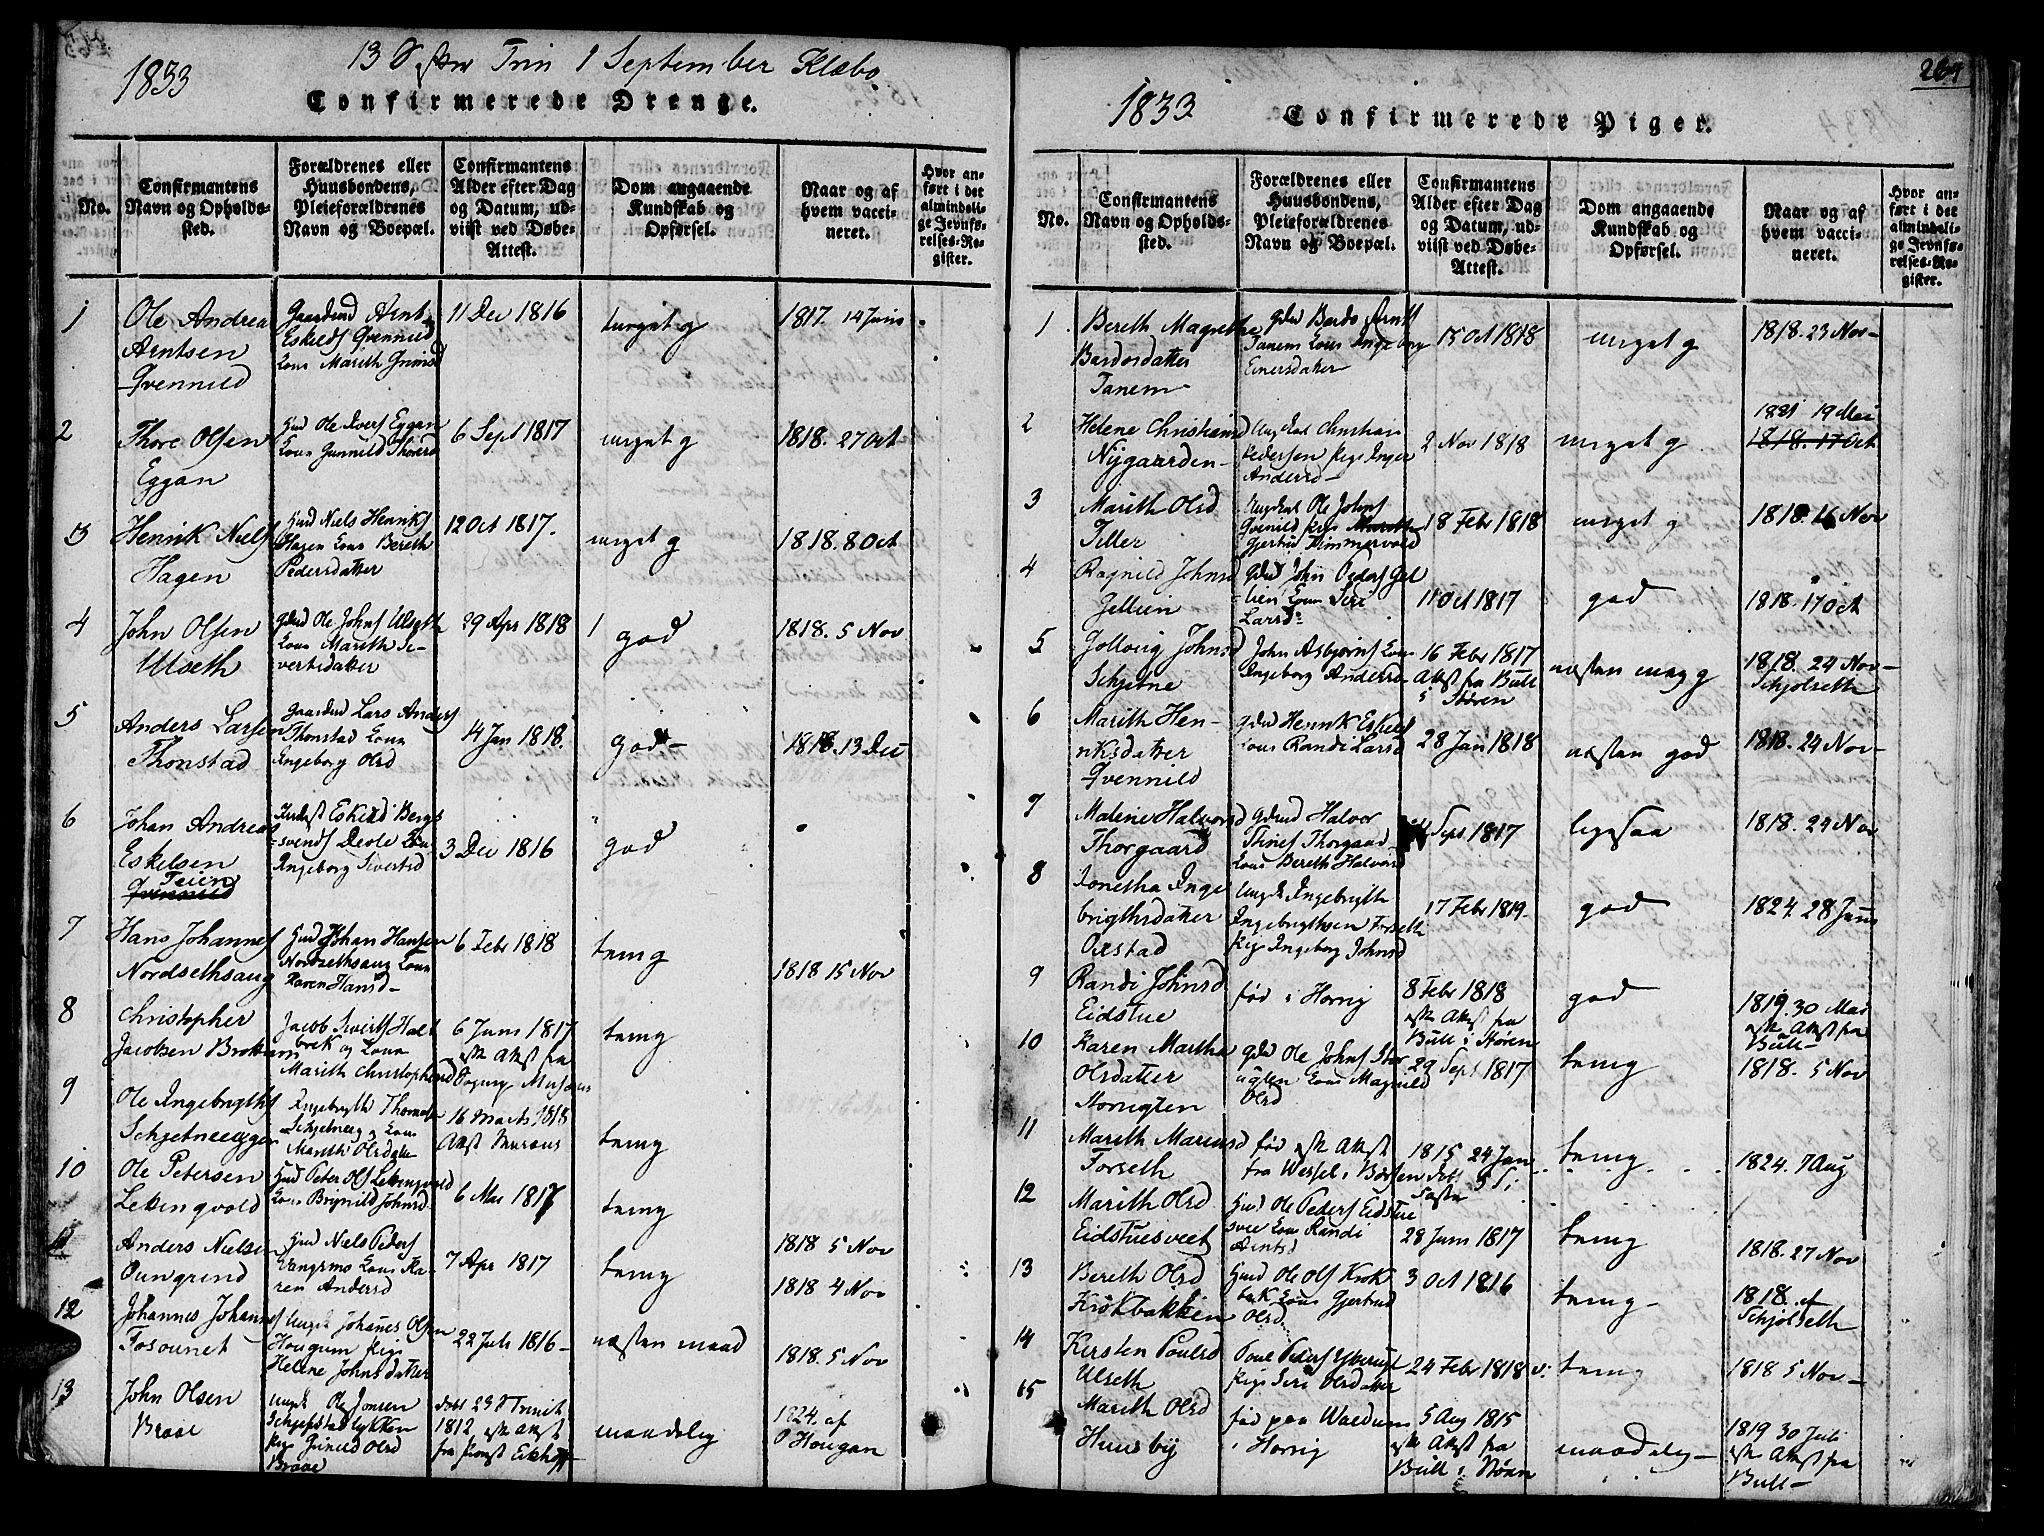 SAT, Ministerialprotokoller, klokkerbøker og fødselsregistre - Sør-Trøndelag, 618/L0439: Ministerialbok nr. 618A04 /1, 1816-1843, s. 264